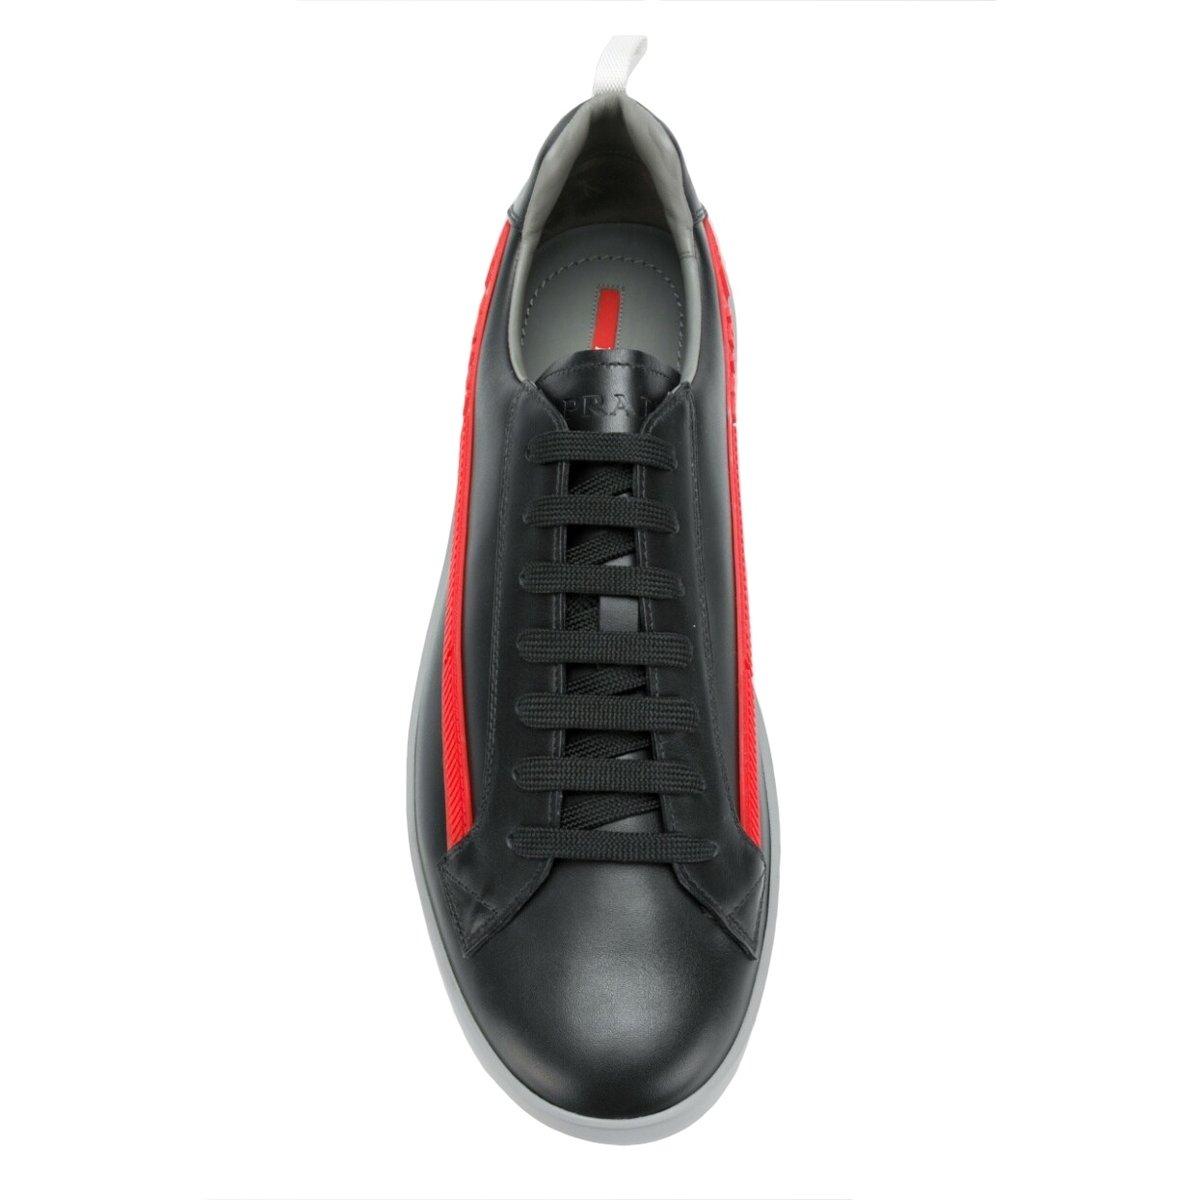 prada-graphic-low-top-sneakers_12533404_11956459_1000.jpg